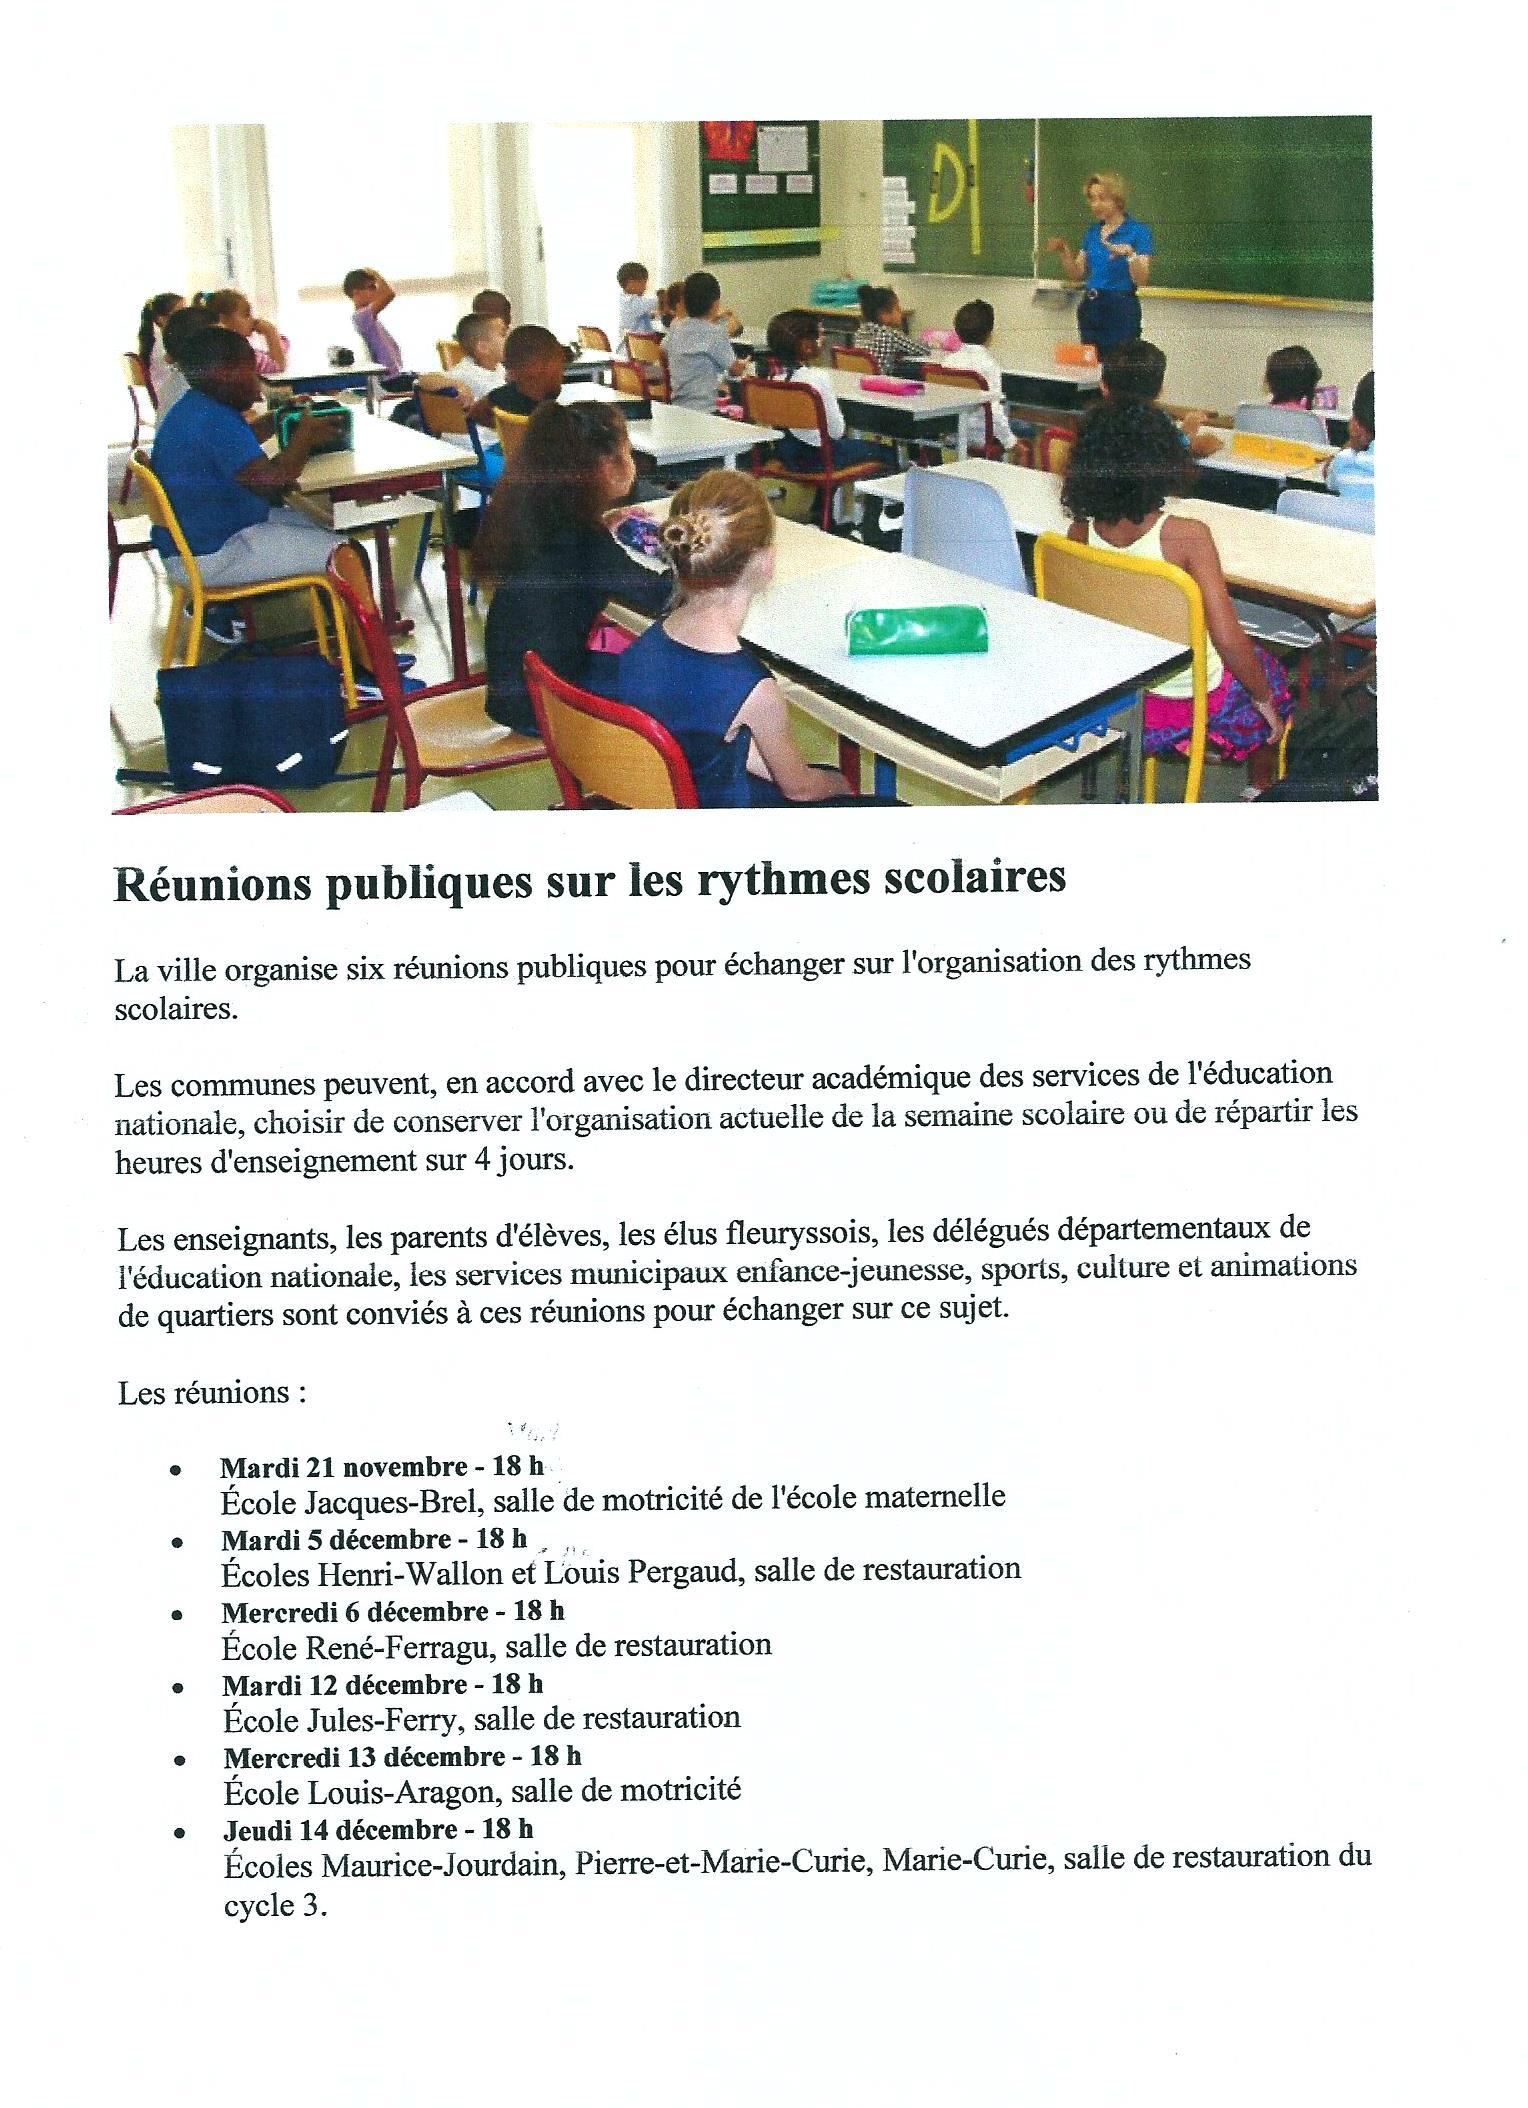 Scan Réunions publiques sur les rythmes scolaires (21.11.2017).jpg